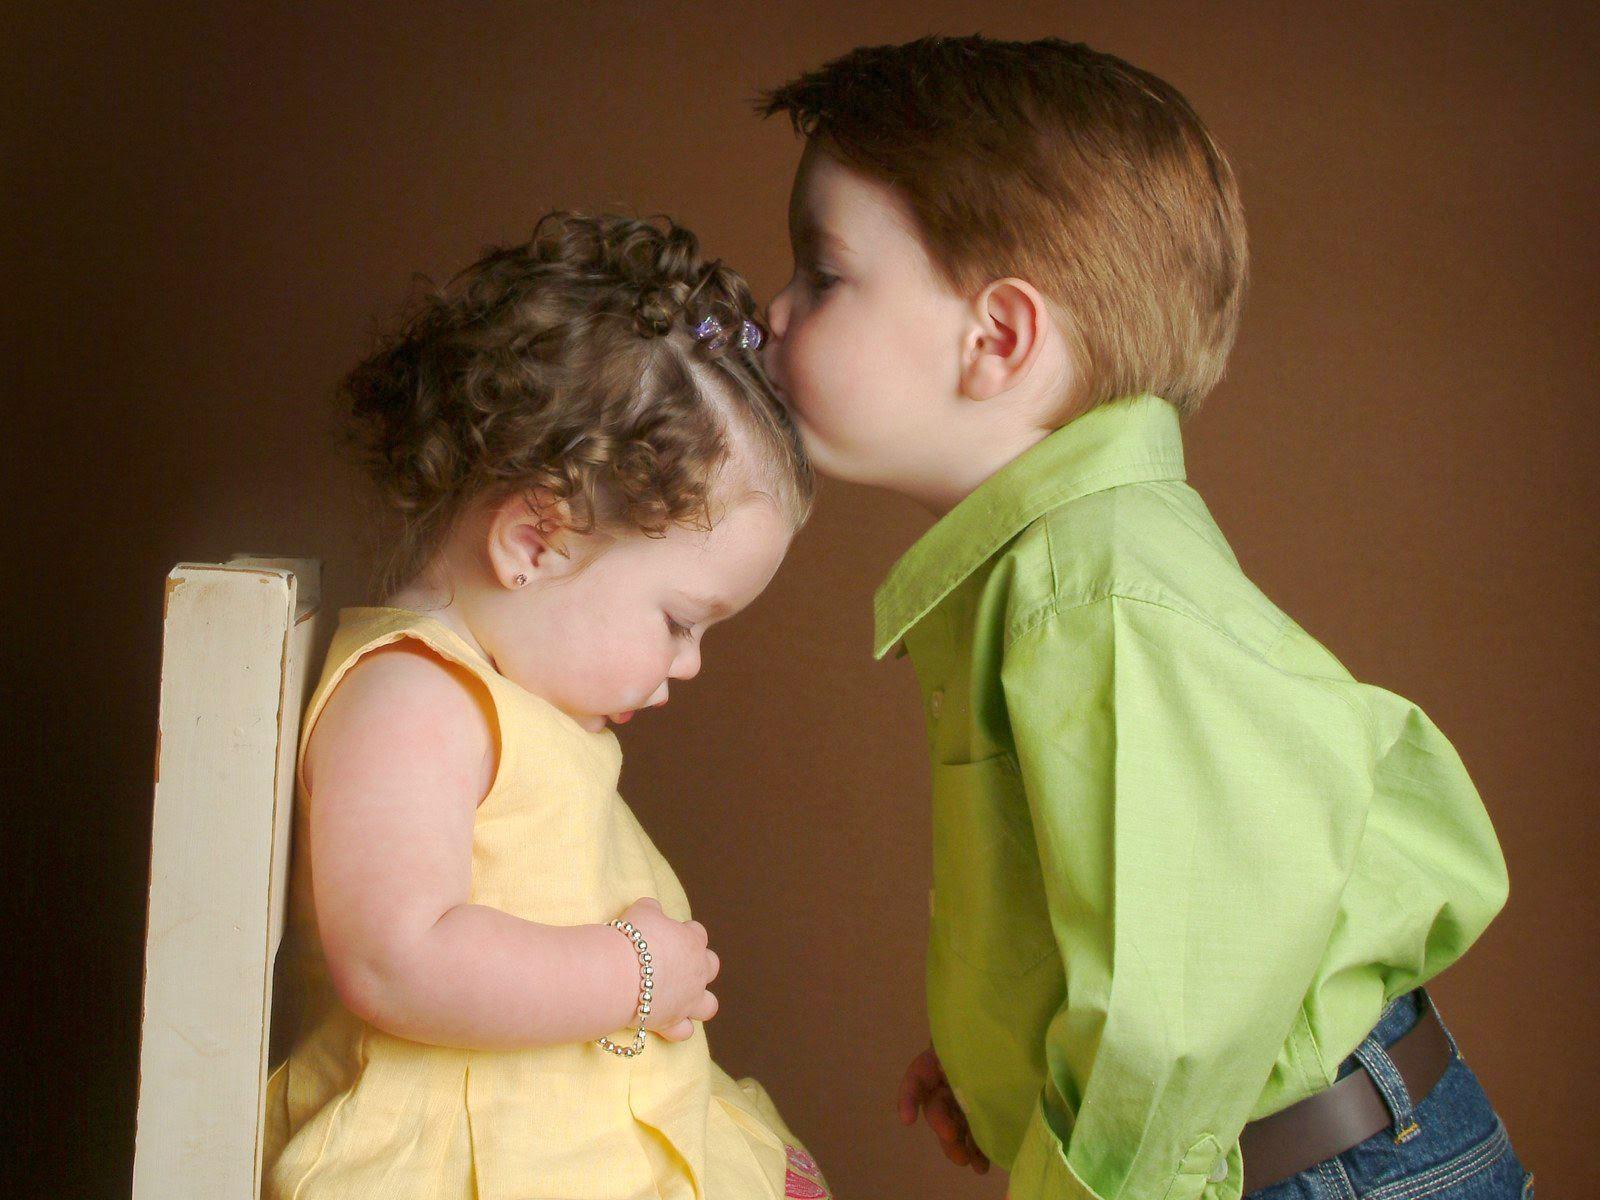 Gambar lucu bayi laki-laki mencium bayi perempuan